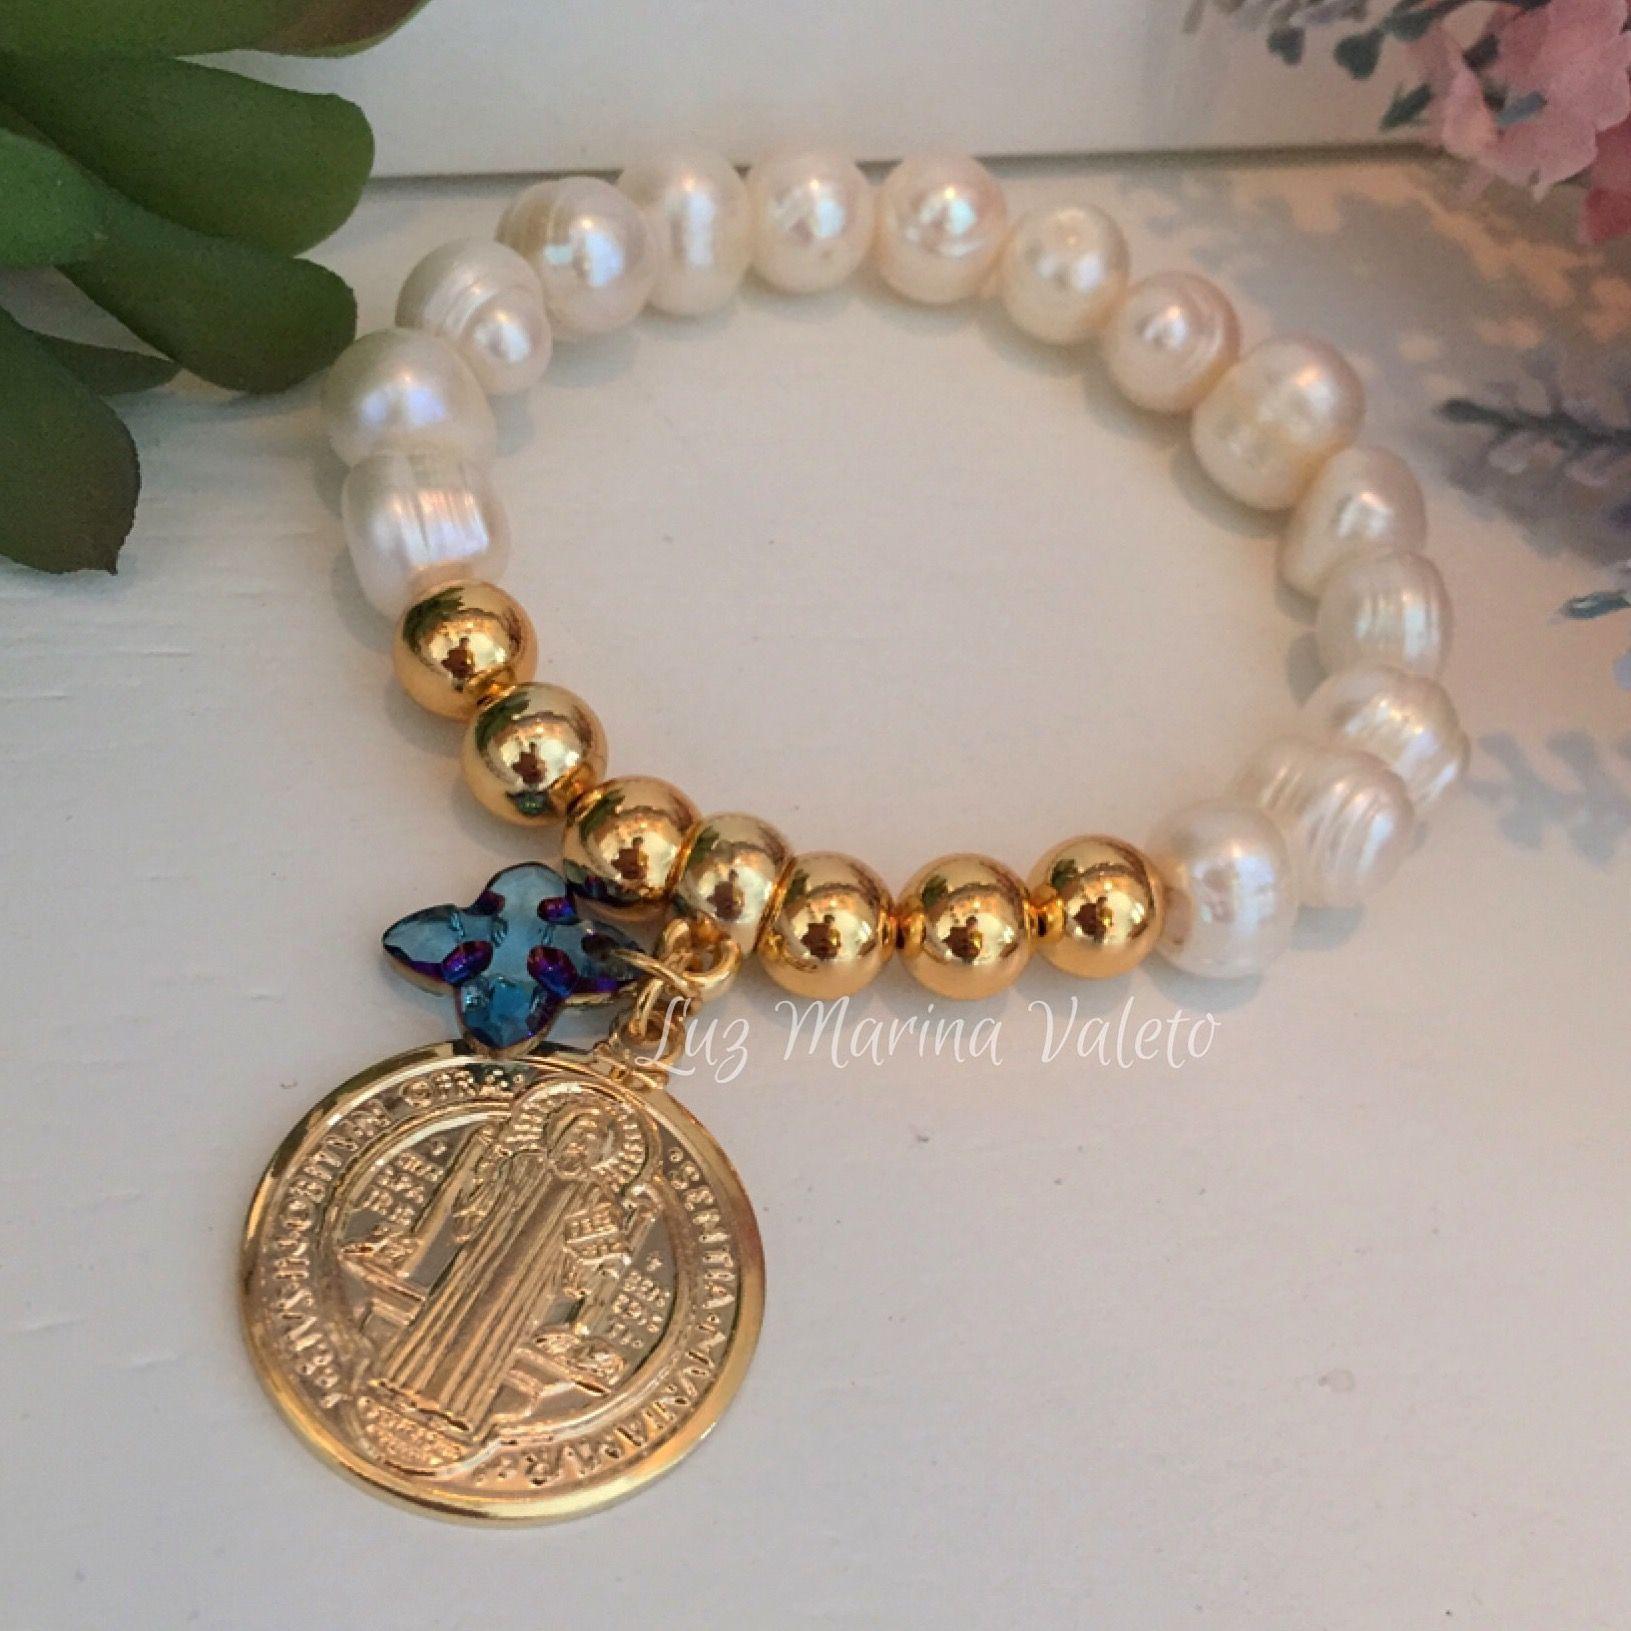 81db6fb1f7e1 Pulsera de perlas con dije de San Benito by Luz Marina Valero  bisuteria   pulseras  bisuteriapulseras  peru